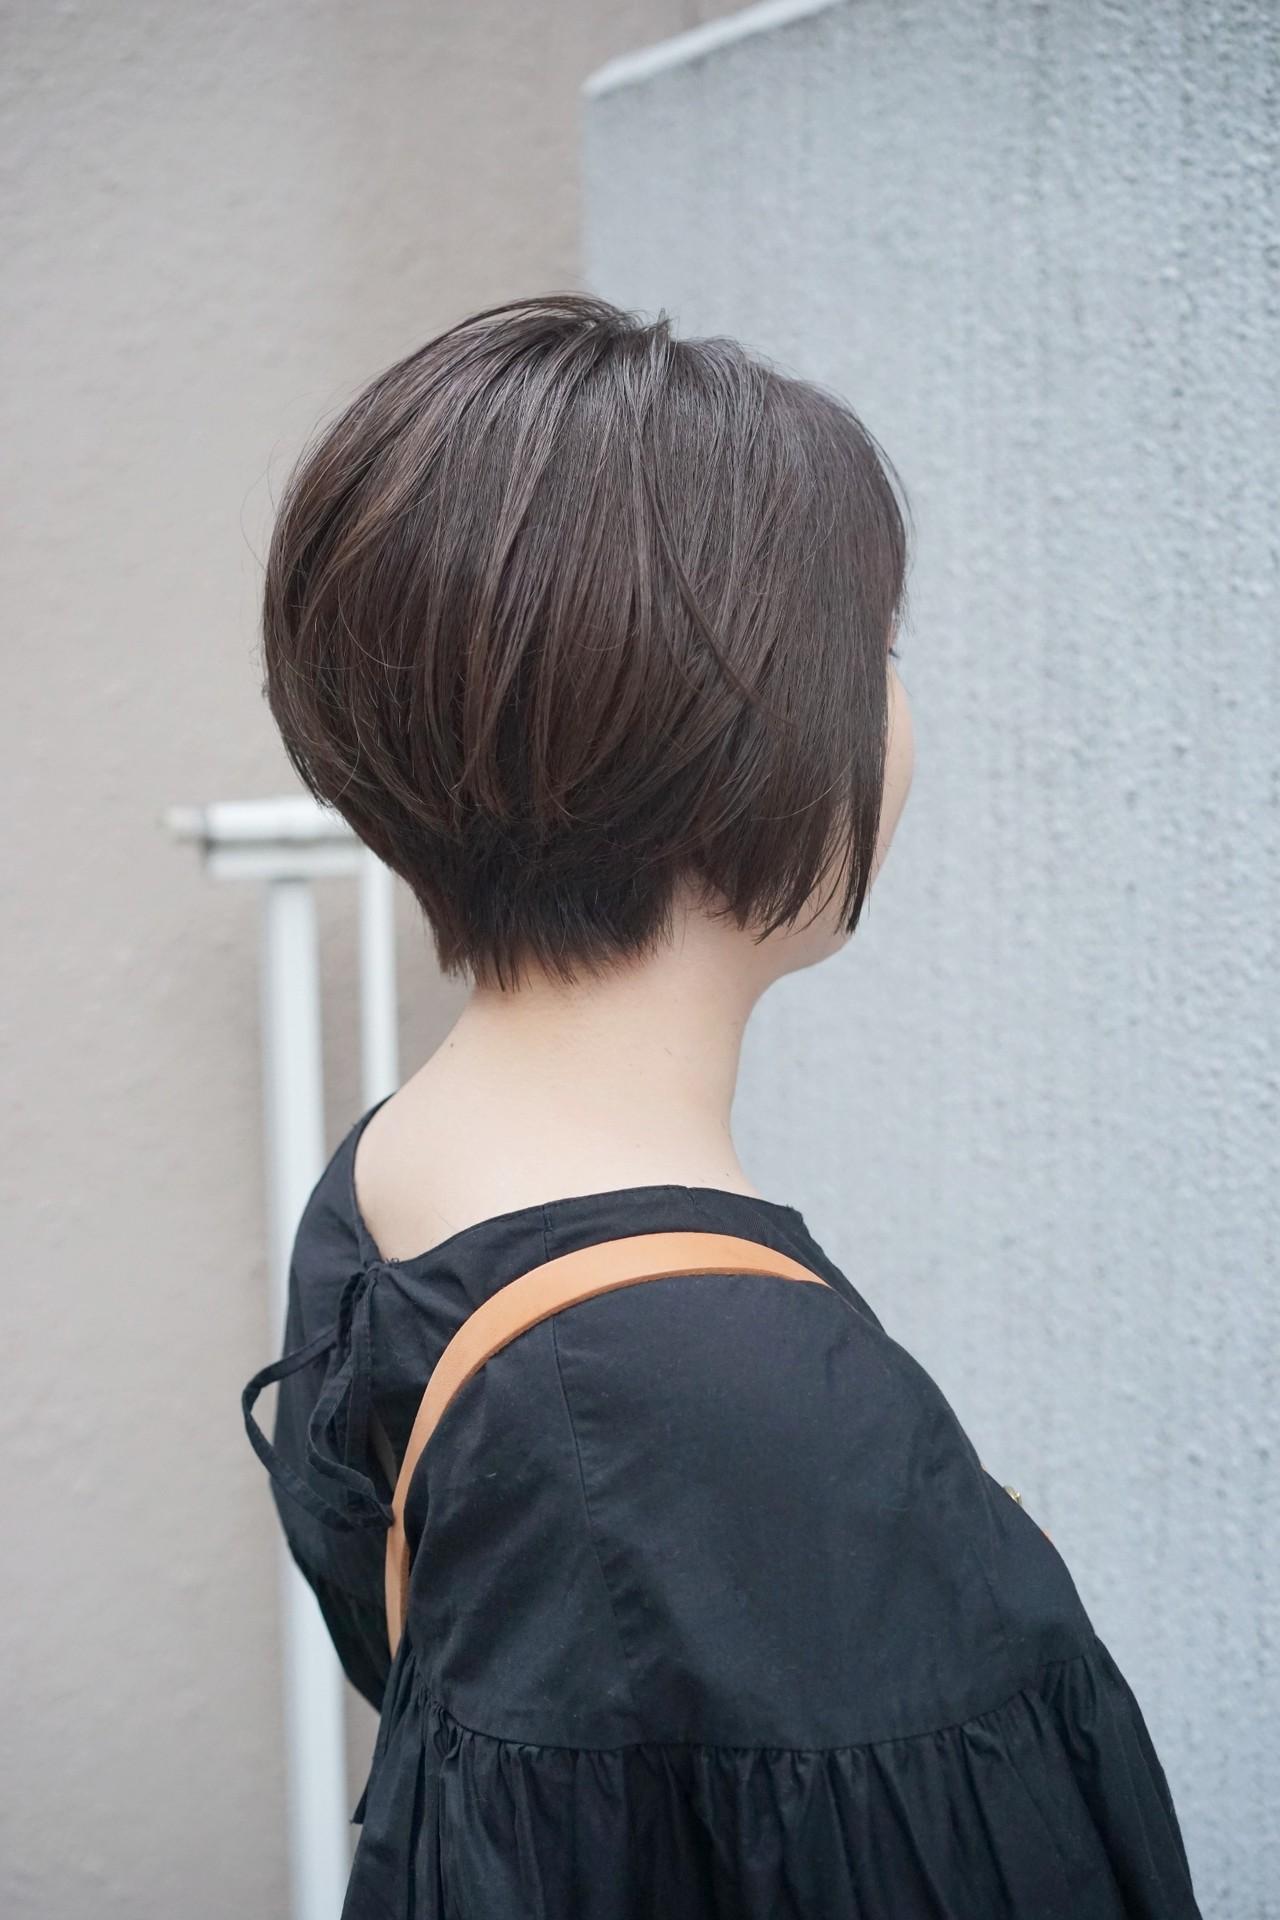 前下がり 大人ヘアスタイル ショート 美シルエット ヘアスタイルや髪型の写真・画像 | 菊地 博之 / ジュノ